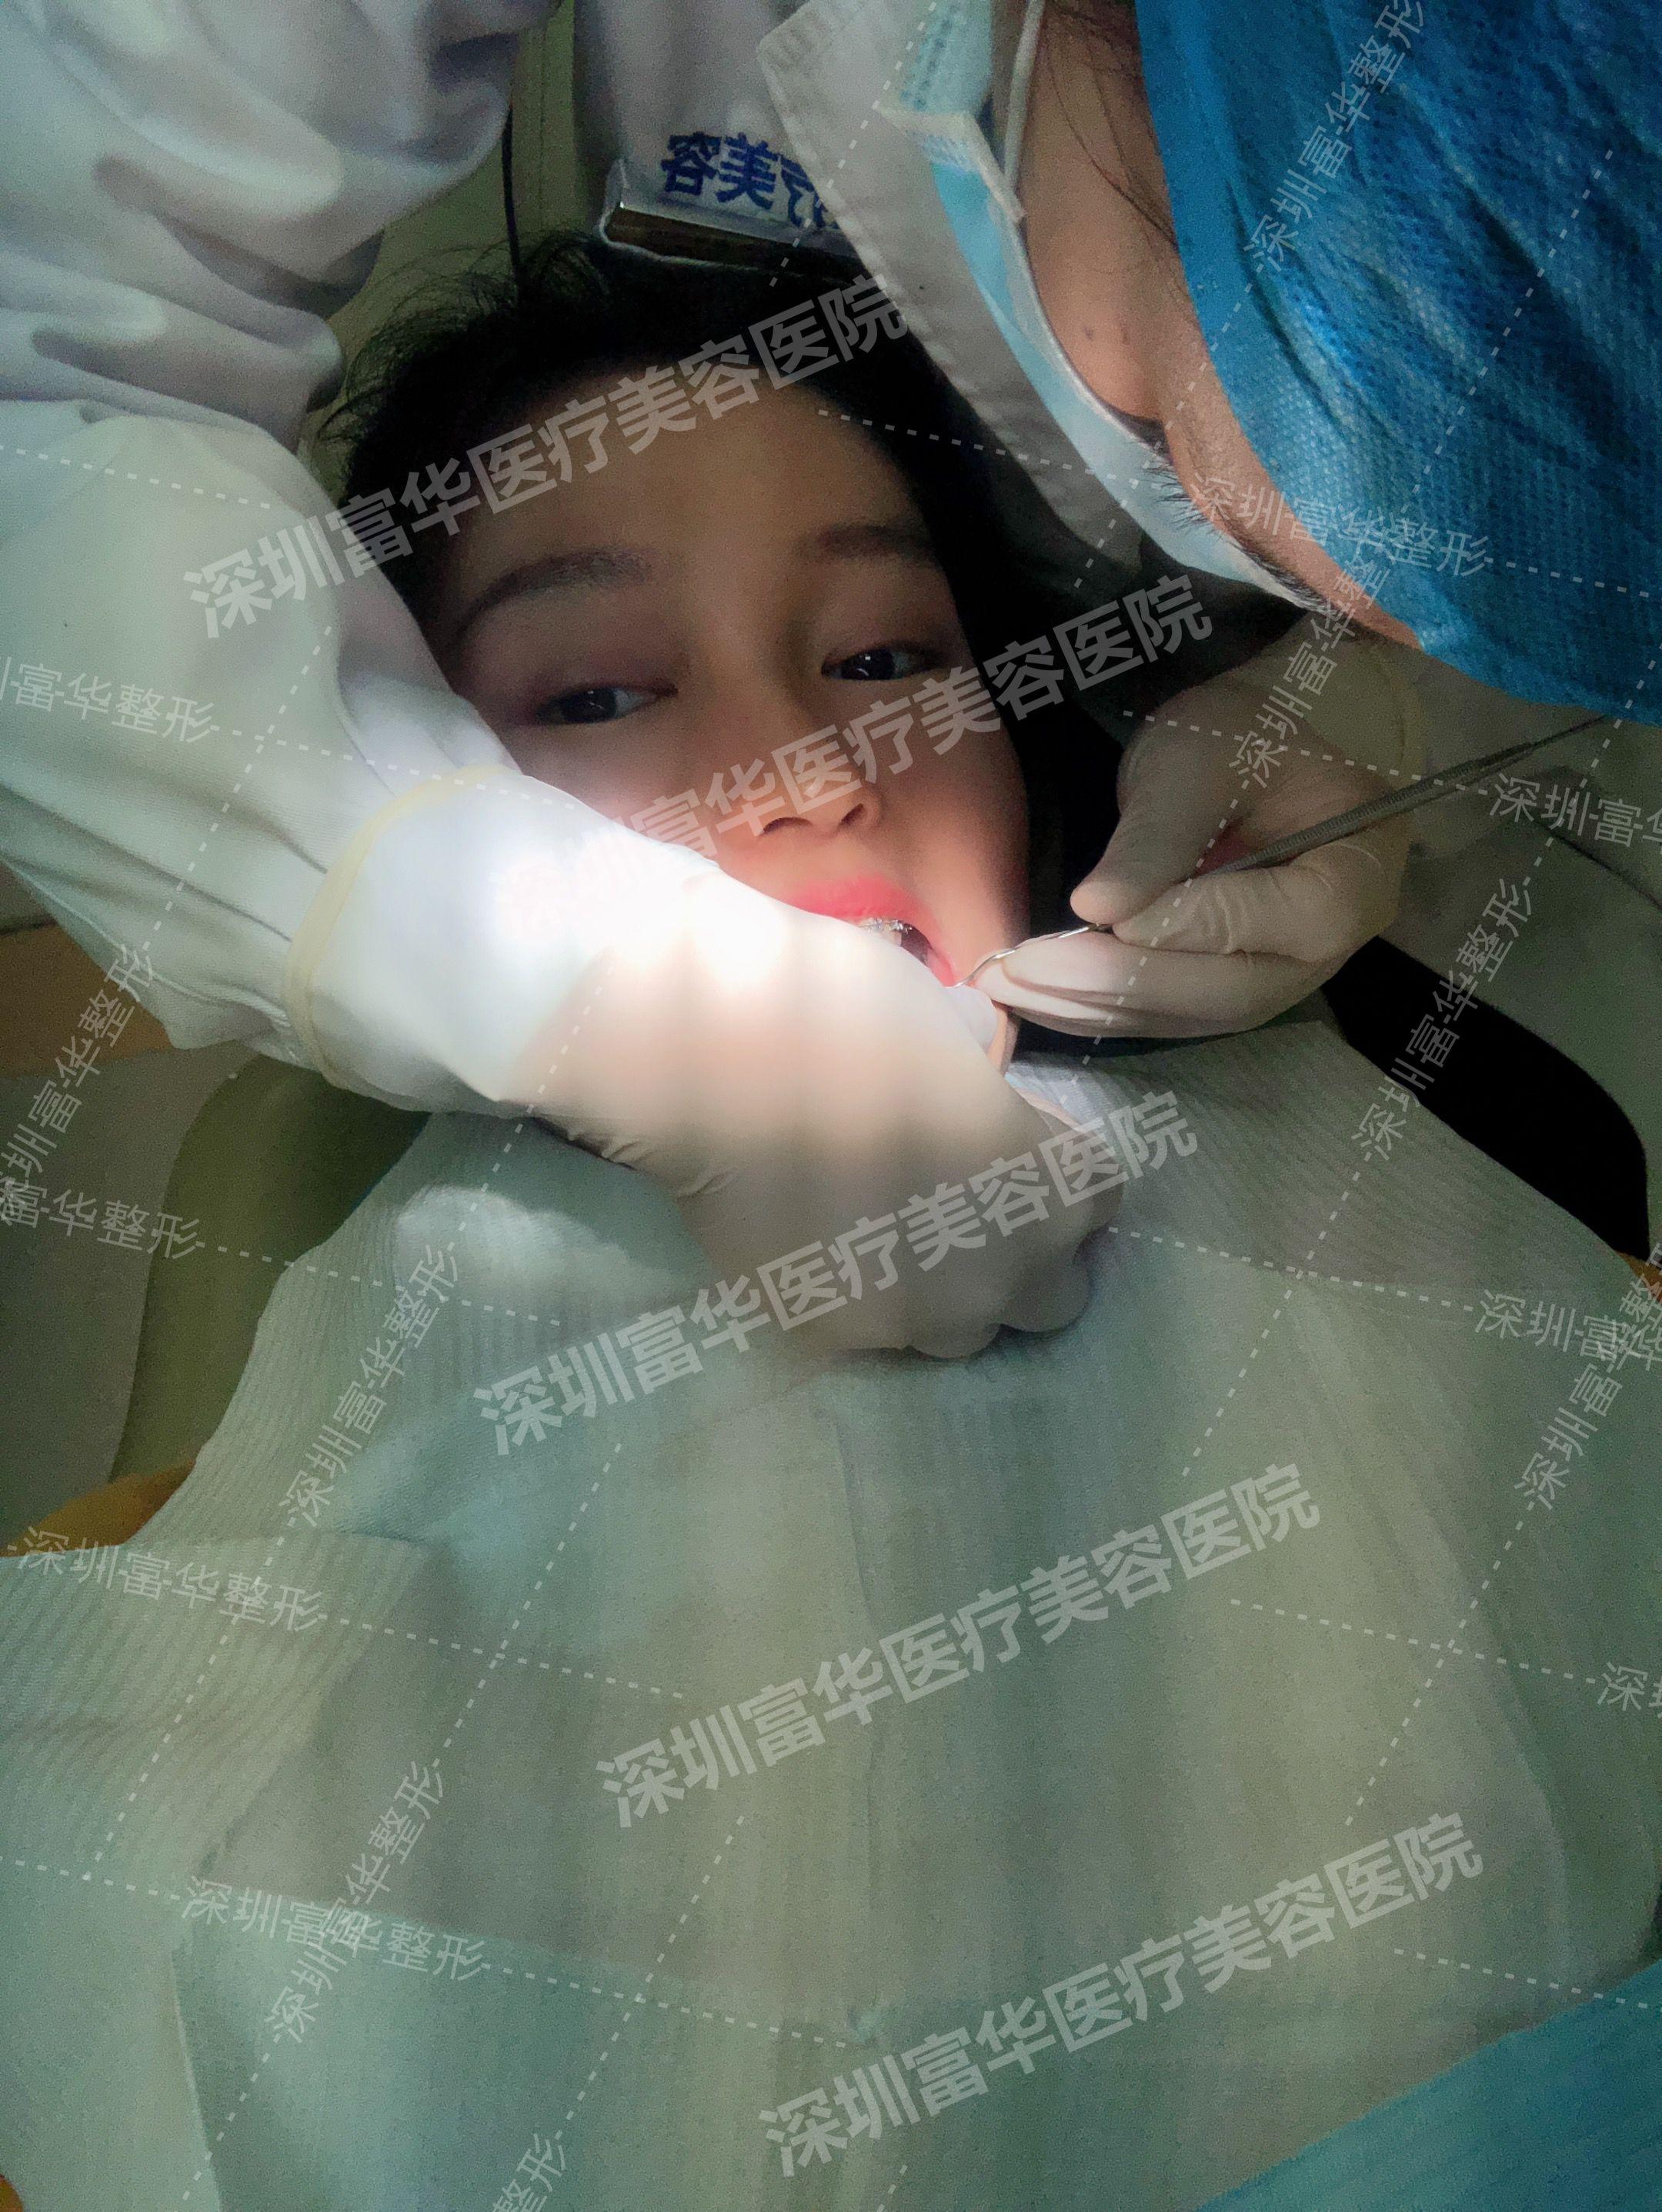 已经是第五次复诊牙齿啦,改变超级明显,之前歪歪扭扭的牙齿现在基本都排列整齐了,只是我的牙齿还有一点轻微开颌,我的治疗医生说还要后续慢慢调整。现在就是感觉自己的牙齿一天比一天更整齐了,这里必须夸一夸我的治疗医生,每次他都很认真仔细的帮我调整钢丝,不吹不黑。我带牙套这么久,别人说的钢丝刮嘴,牙齿疼痛的问题我都没有,只是每次换完钢丝后牙齿有被拉紧的感觉,有点咬不动东西,持续一个礼拜左右吧,在这期间我就不吃太硬的东西。然后每次复诊完医生都会友情提示我不能喝肥仔快乐水(可乐)影响治疗。嗯,忍住吧姐妹们,我已经5个月没喝过了,就当减肥了。